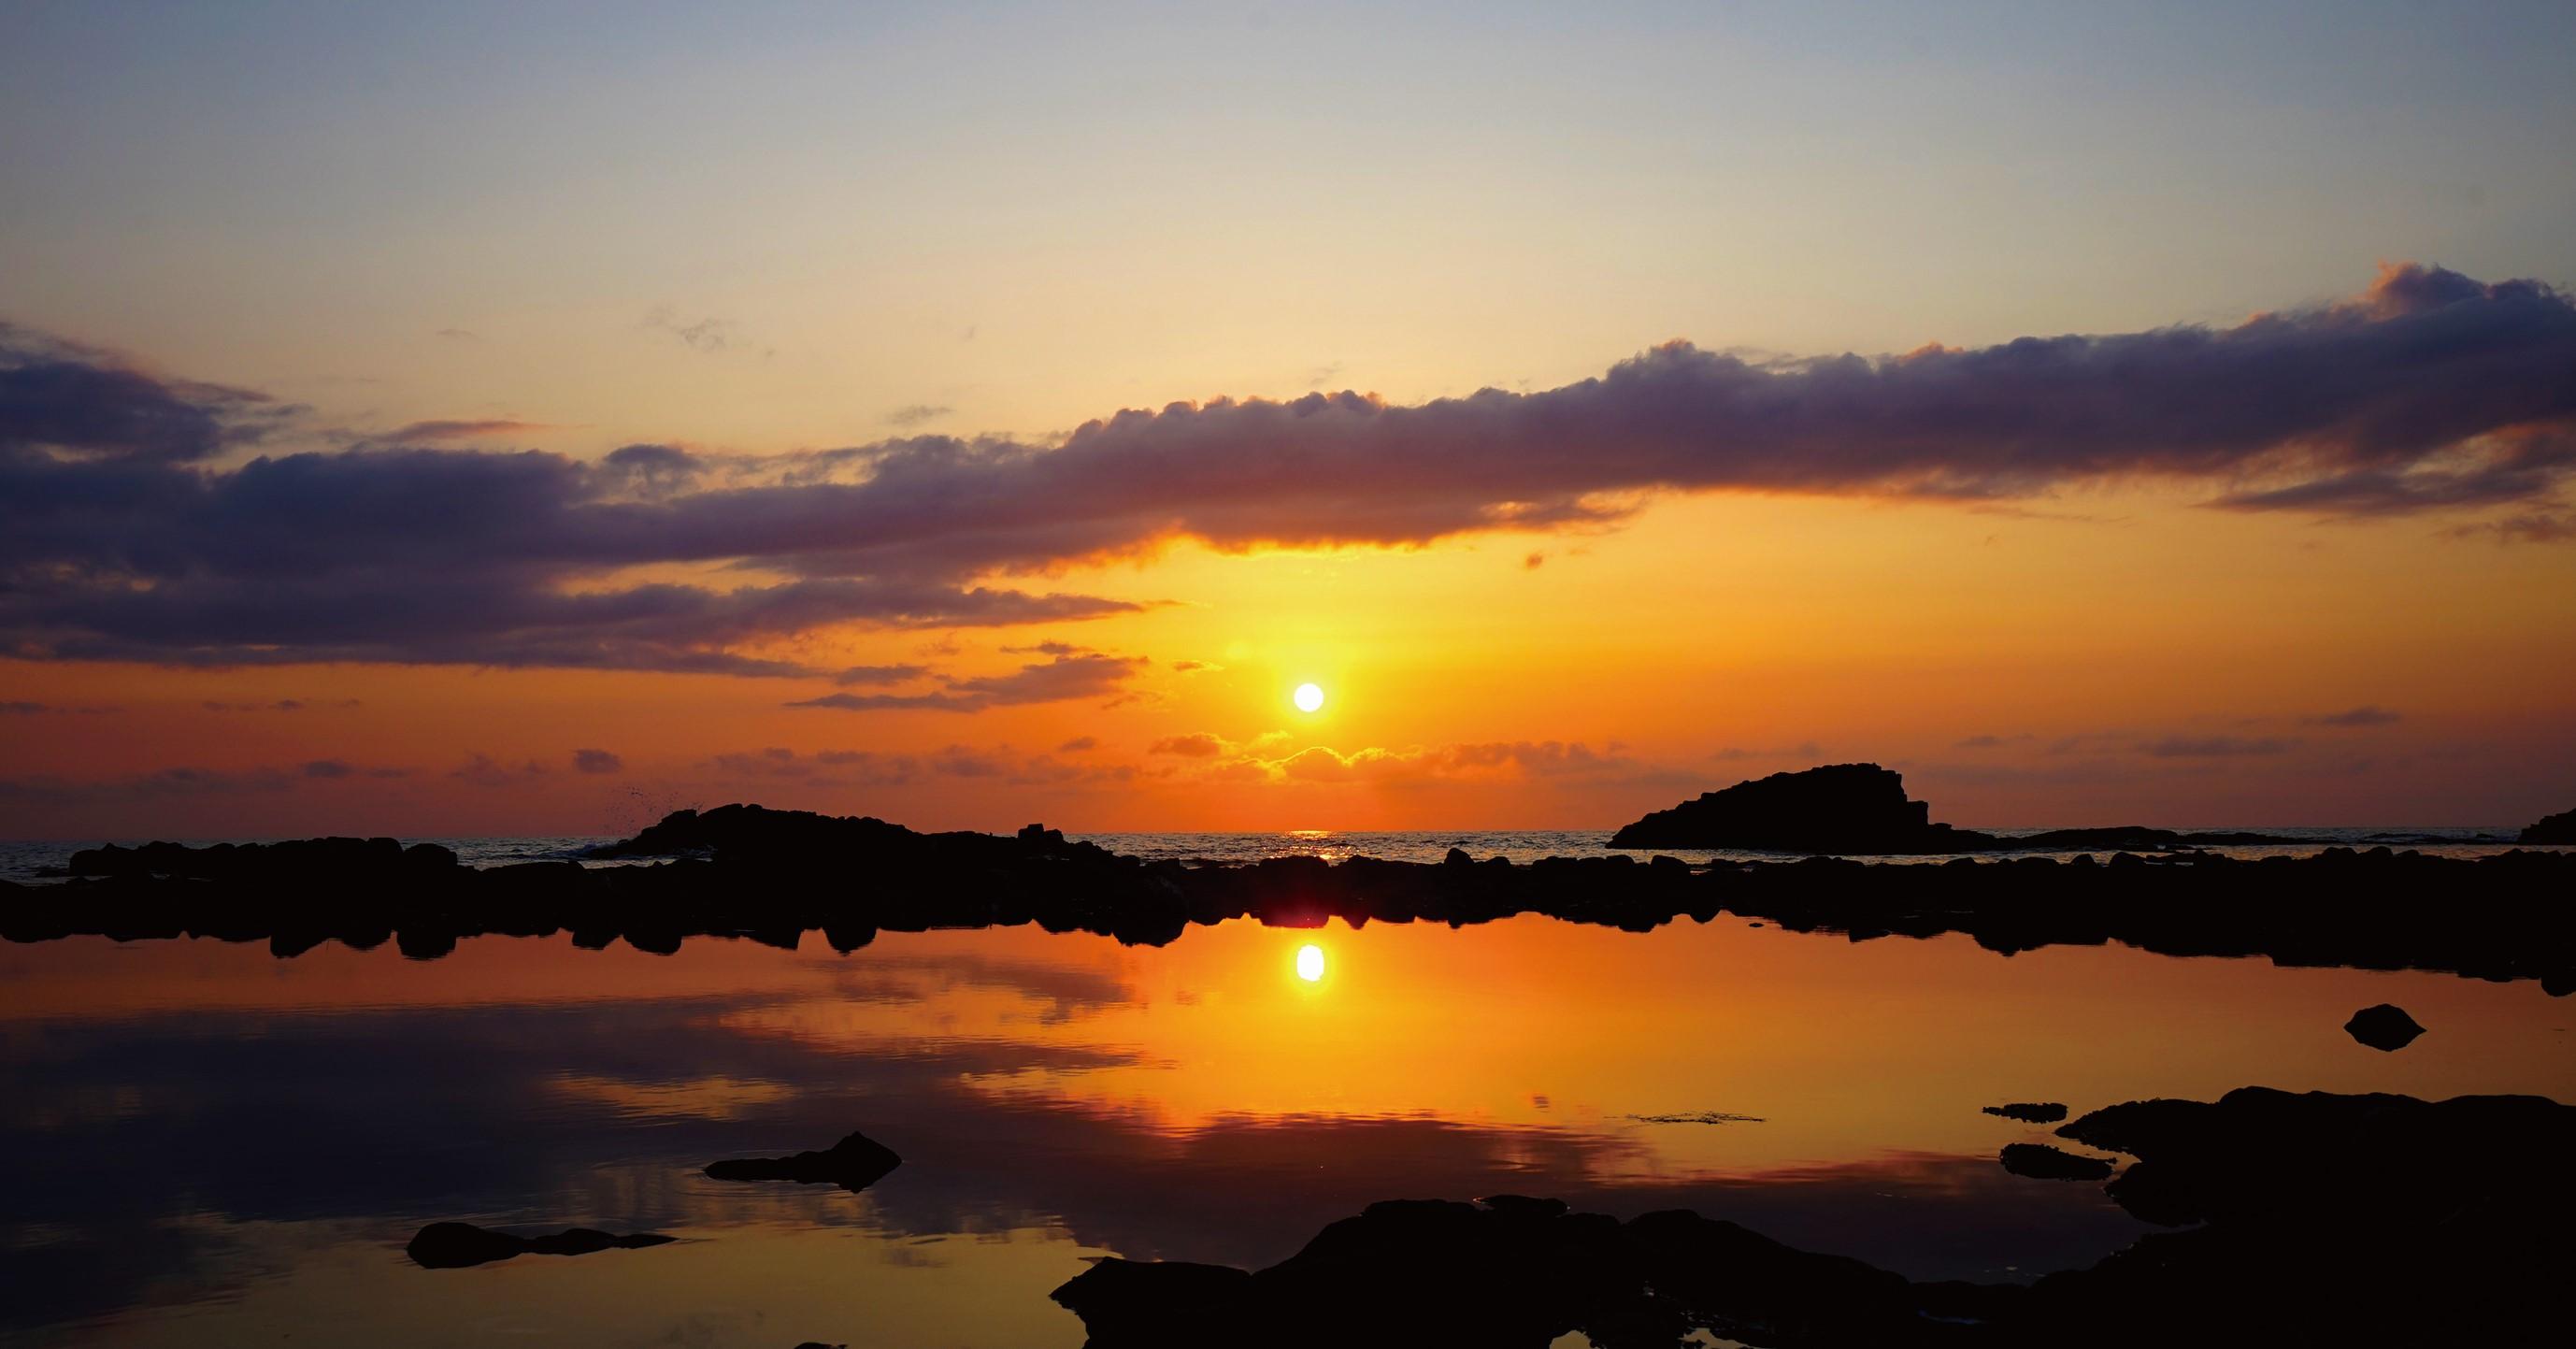 日本海に沈む夕陽は絶景。日本の夕陽百選にも選出